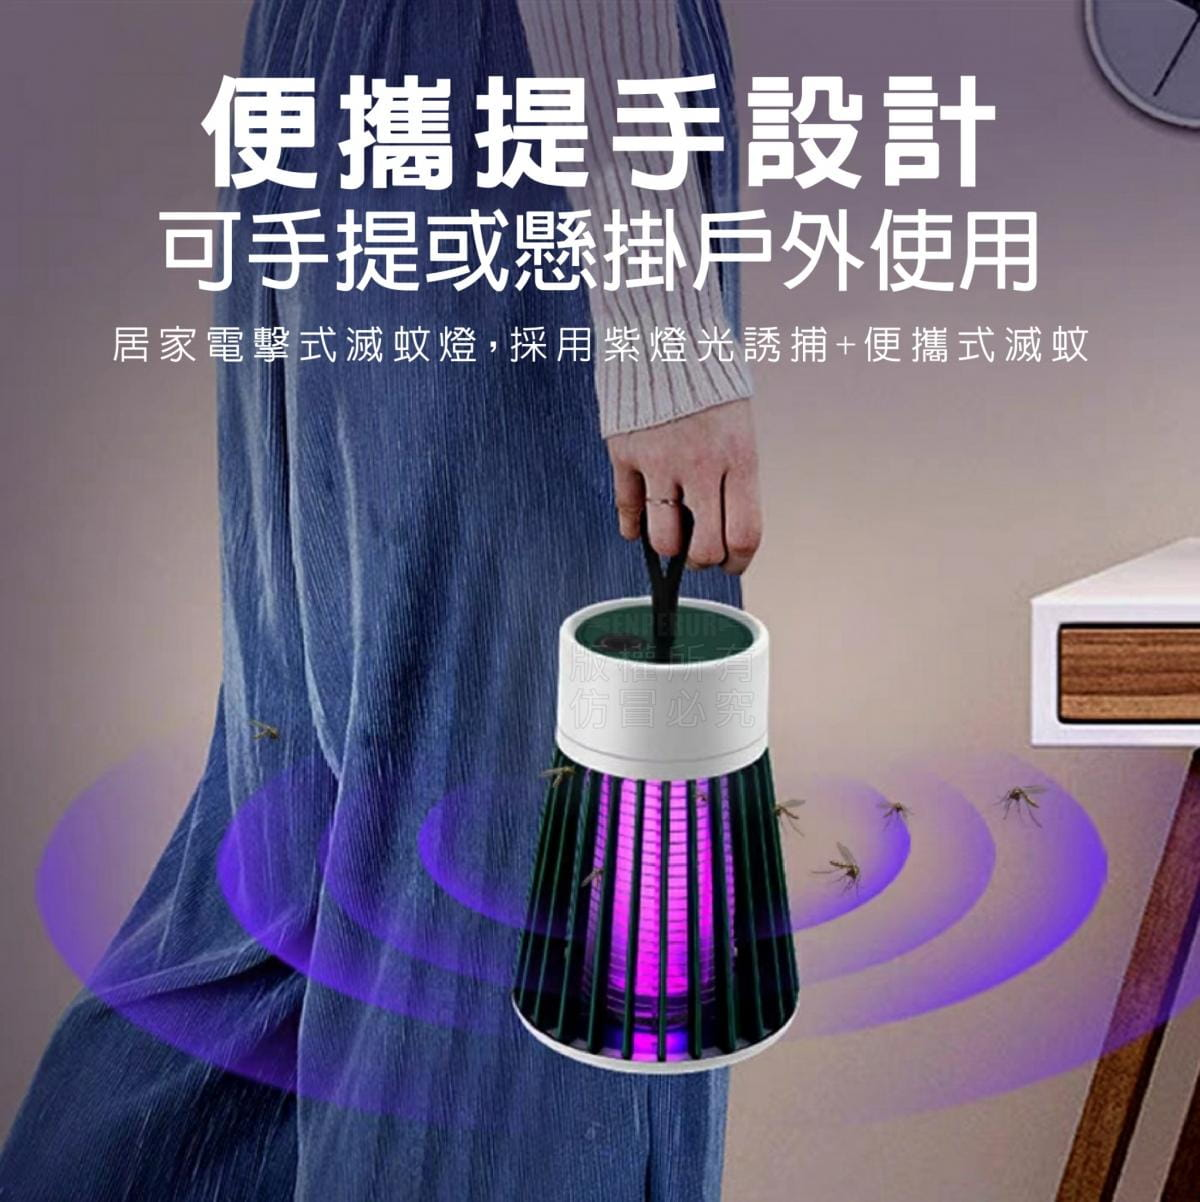 充電電擊式滅蚊燈 1